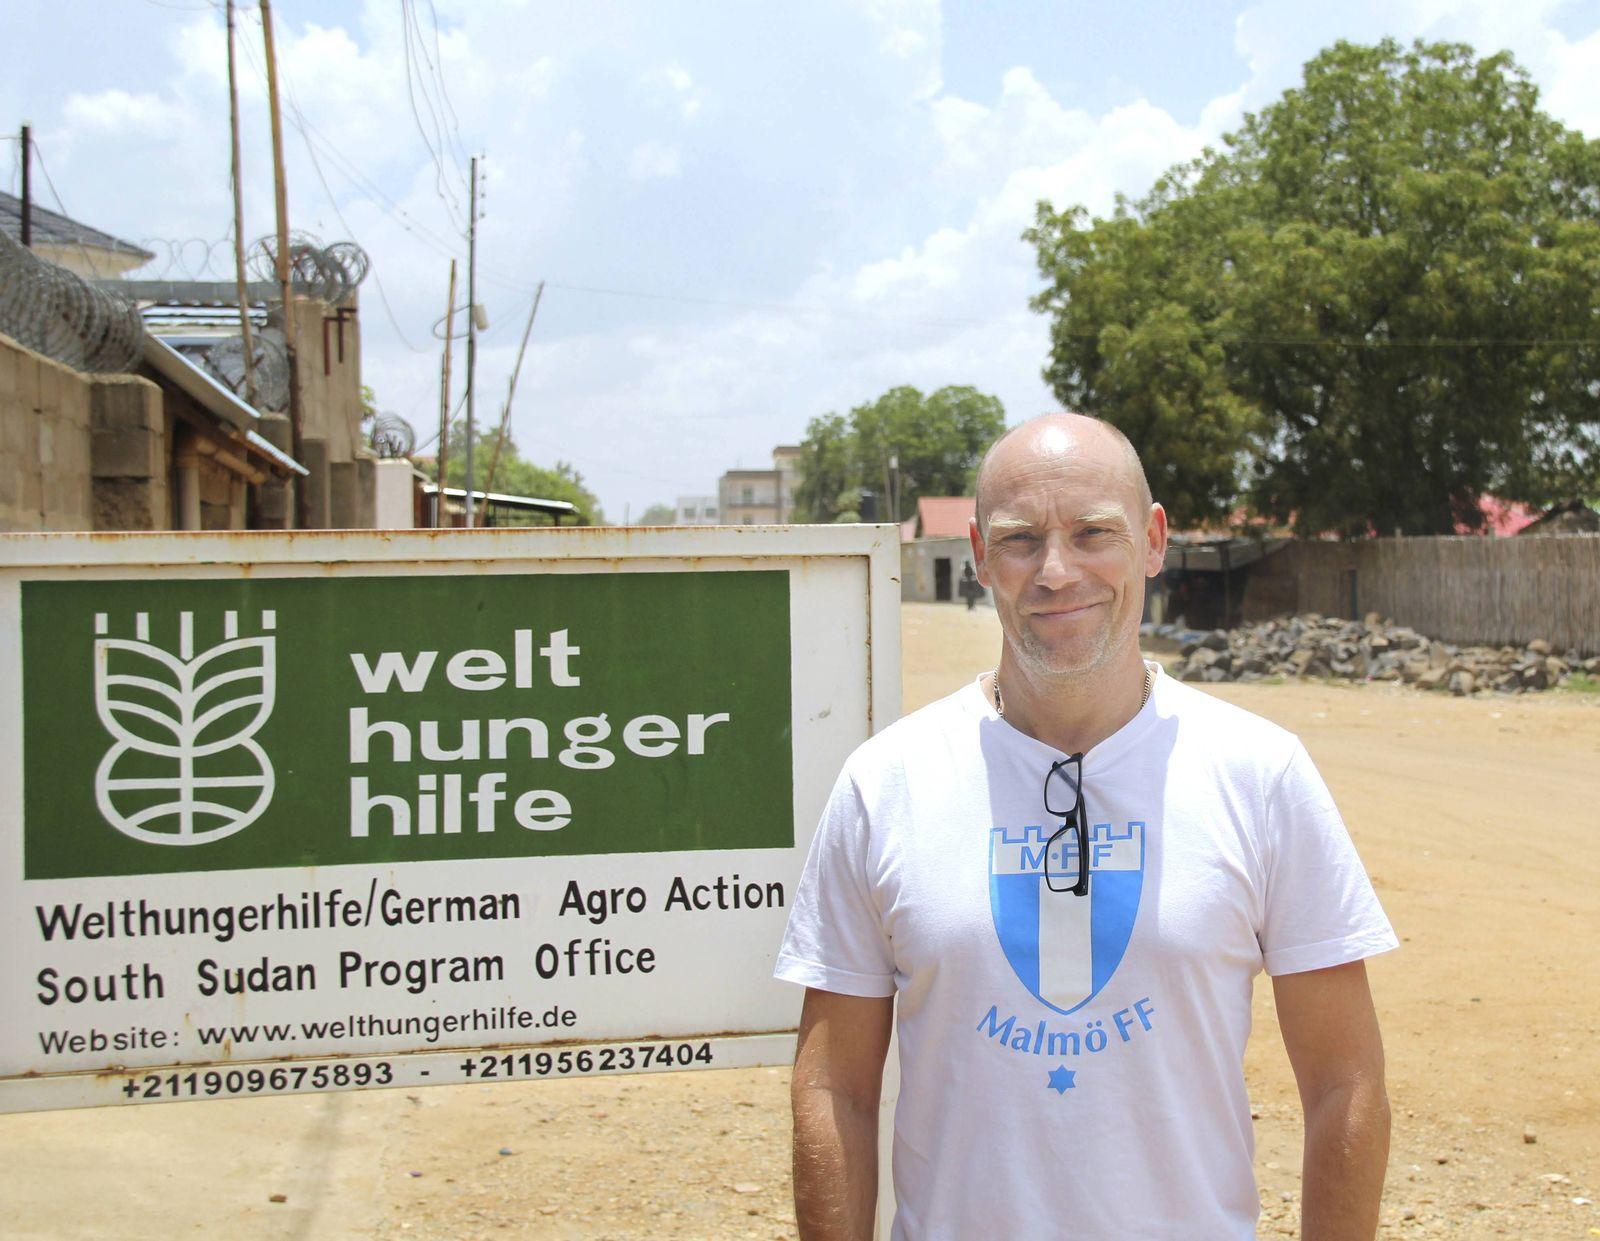 EINMALIGE VERWENDUNG Spenden Organisationen / Welthungerhilfe